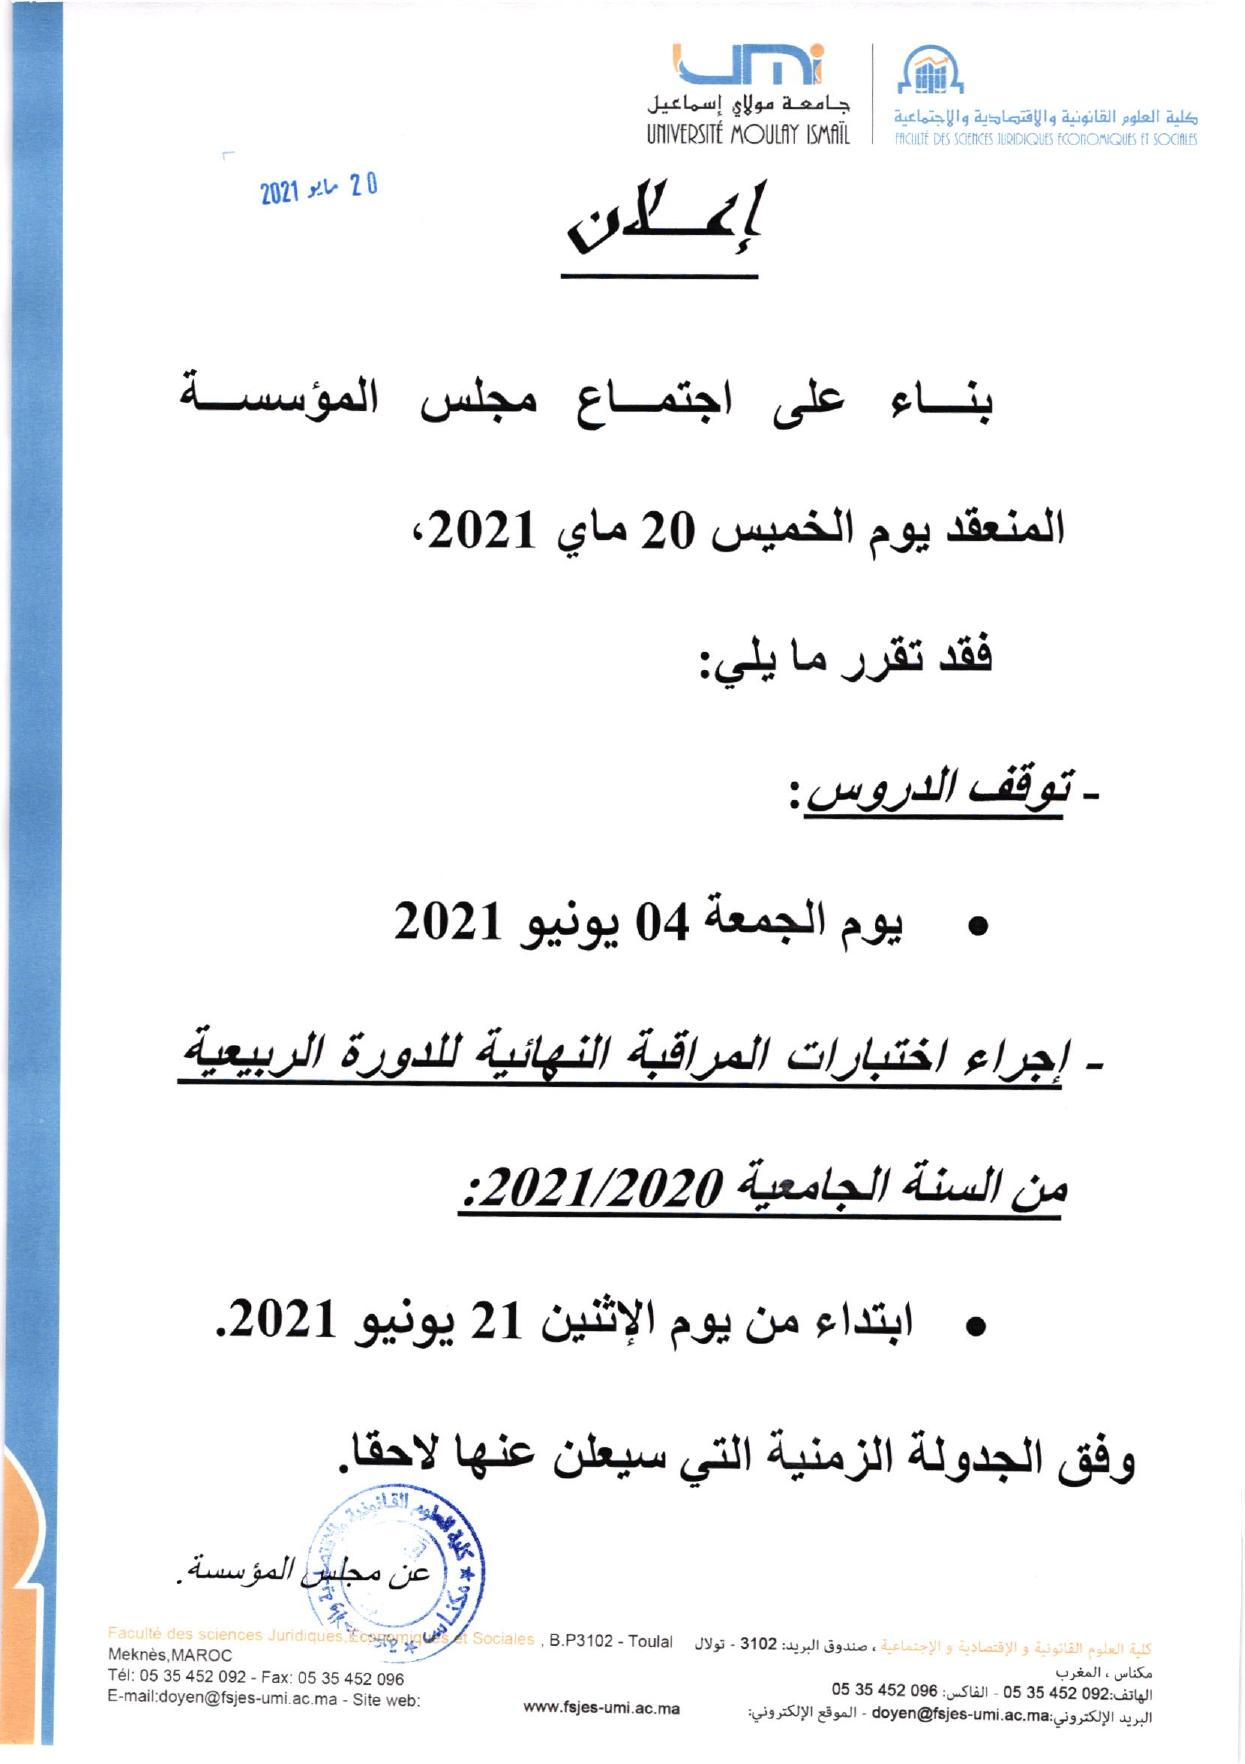 إعلان – اجتماع مجلس المؤسسة